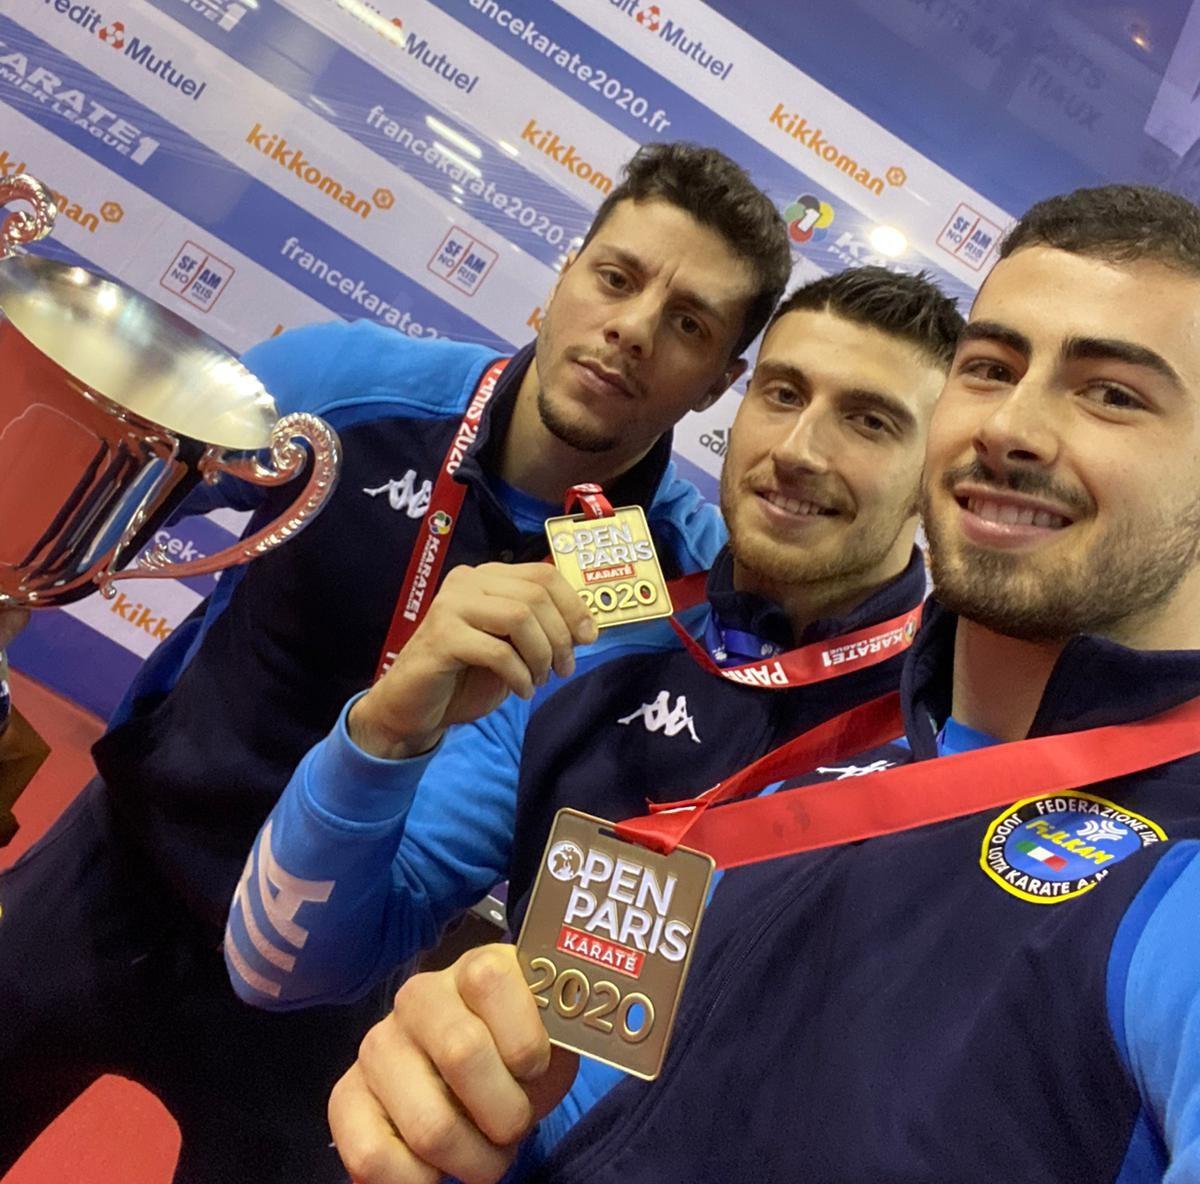 Karate, il vittoriese Giuseppe Panagia bronzo con la Nazionale italiana a Parigi